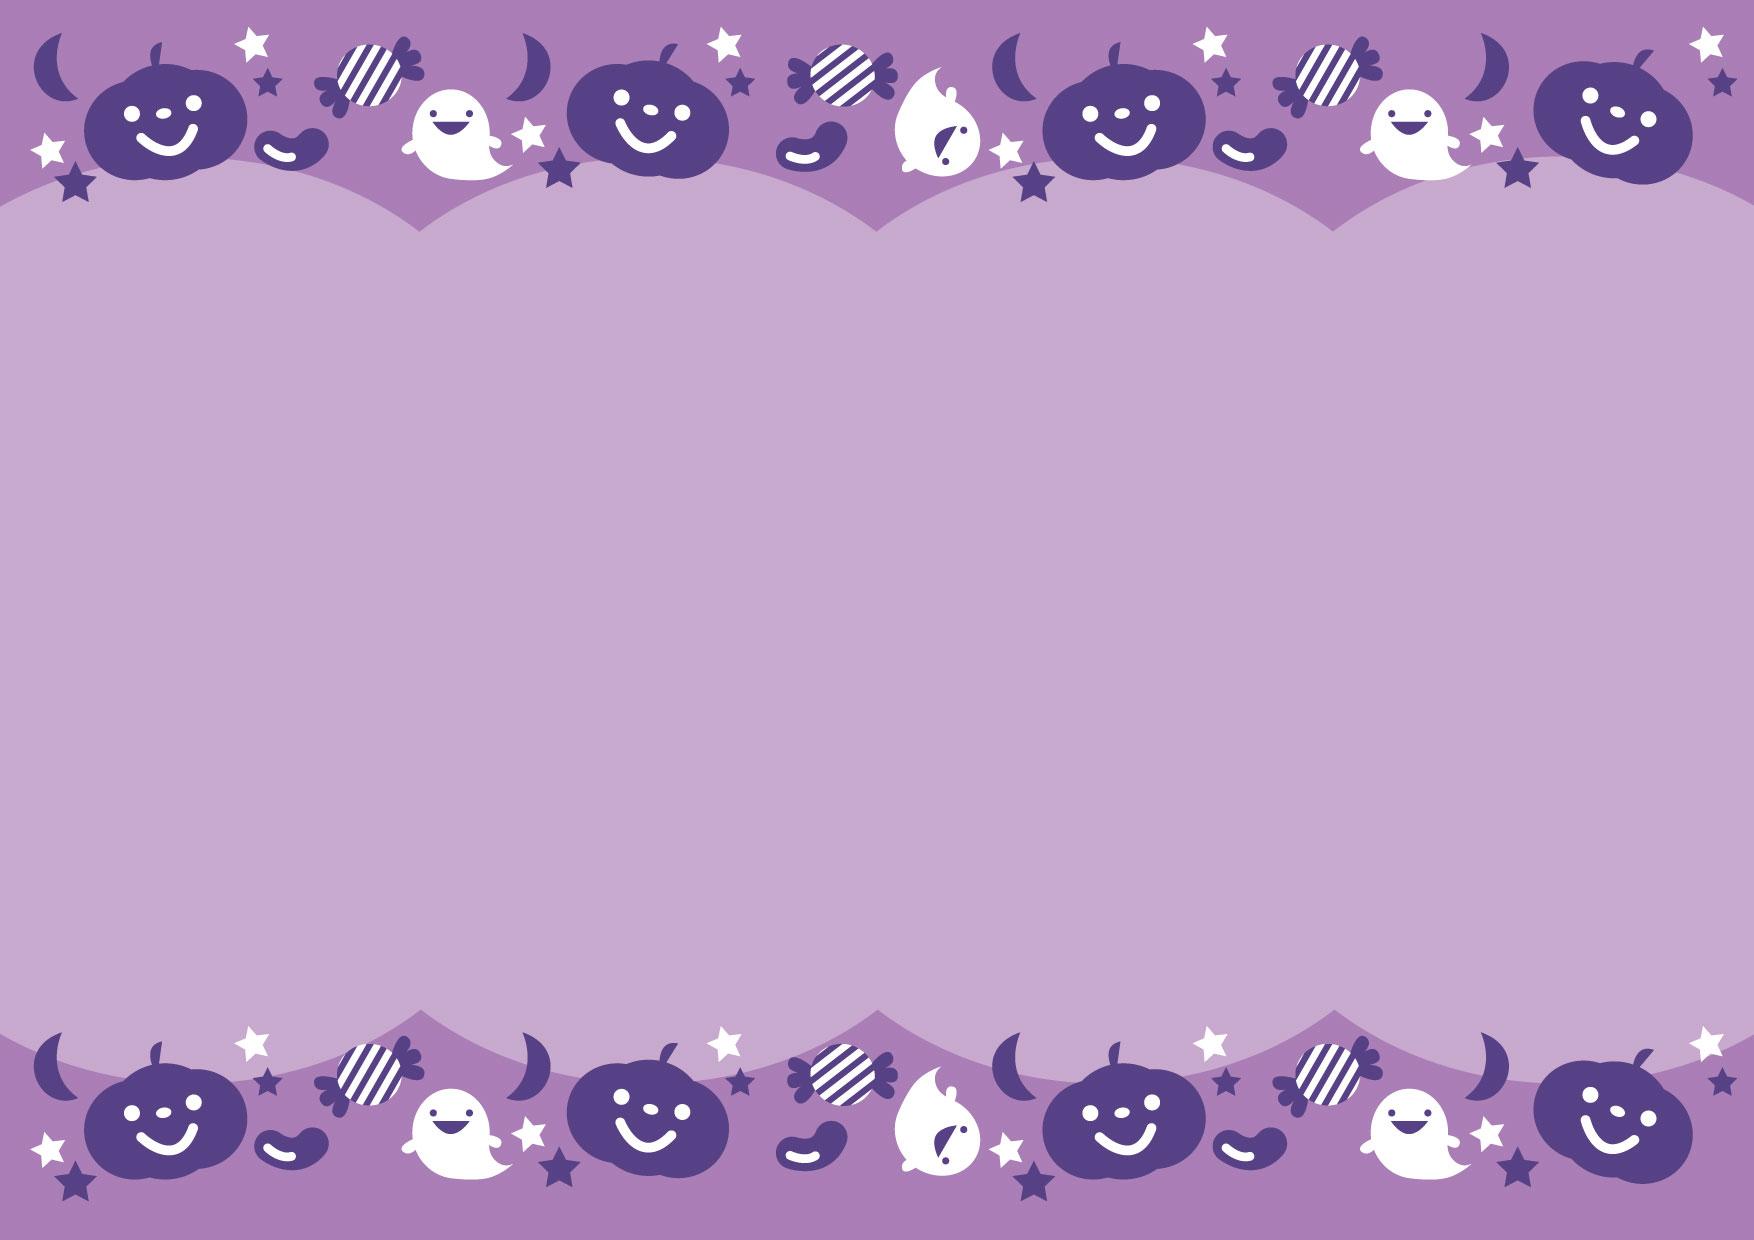 ハロウィン 背景 紫 イラスト 無料